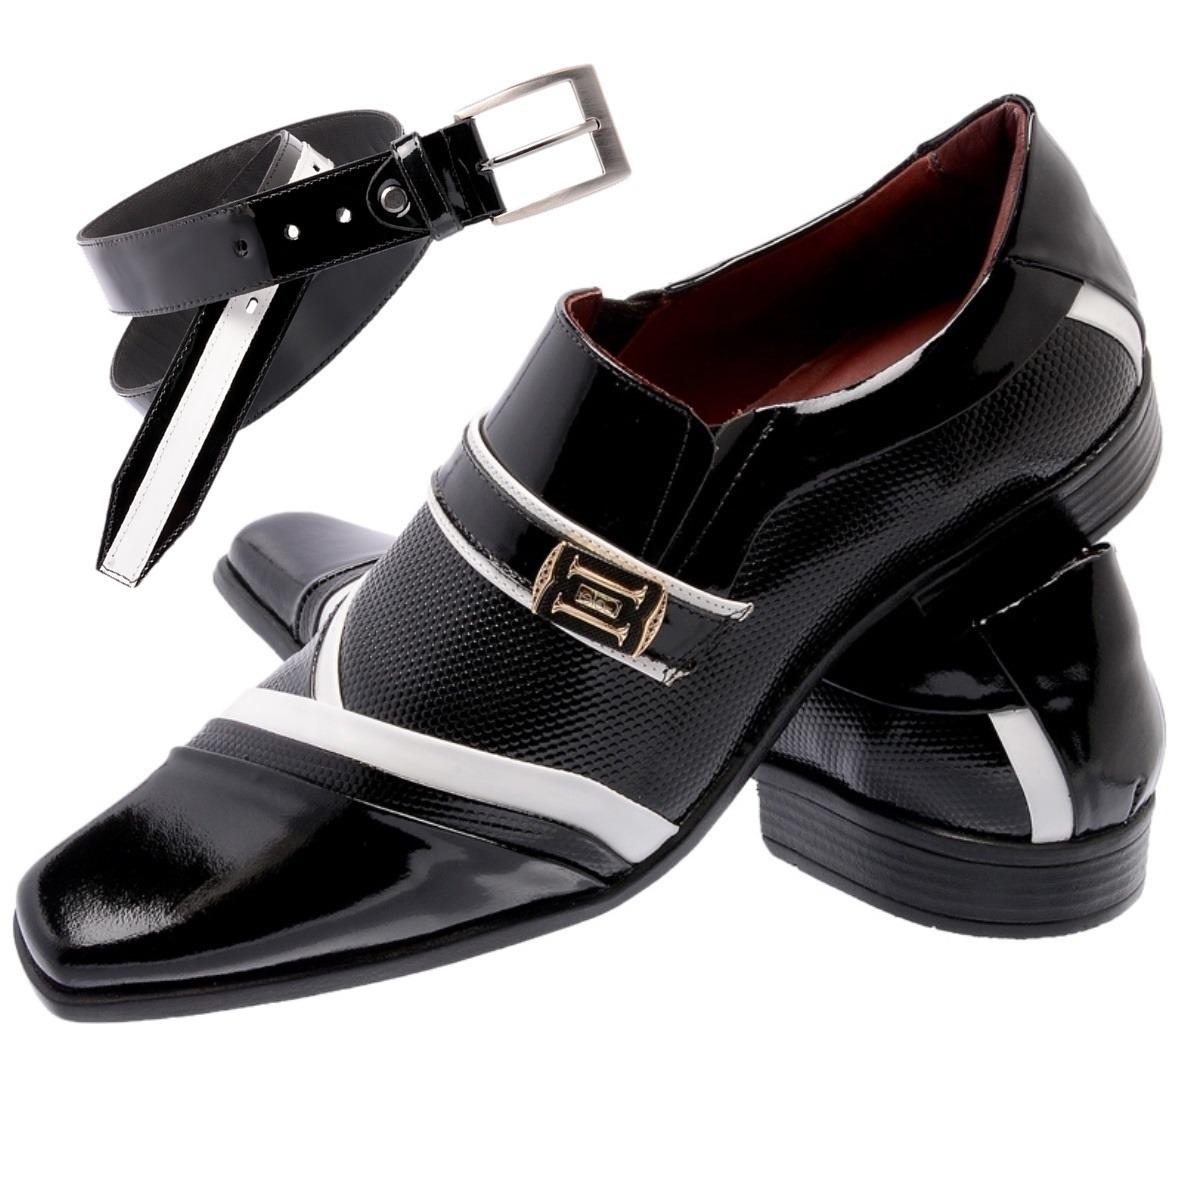 c61971d38c sapato social com cinto verniz branco e preto gofer 0751a. Carregando zoom.